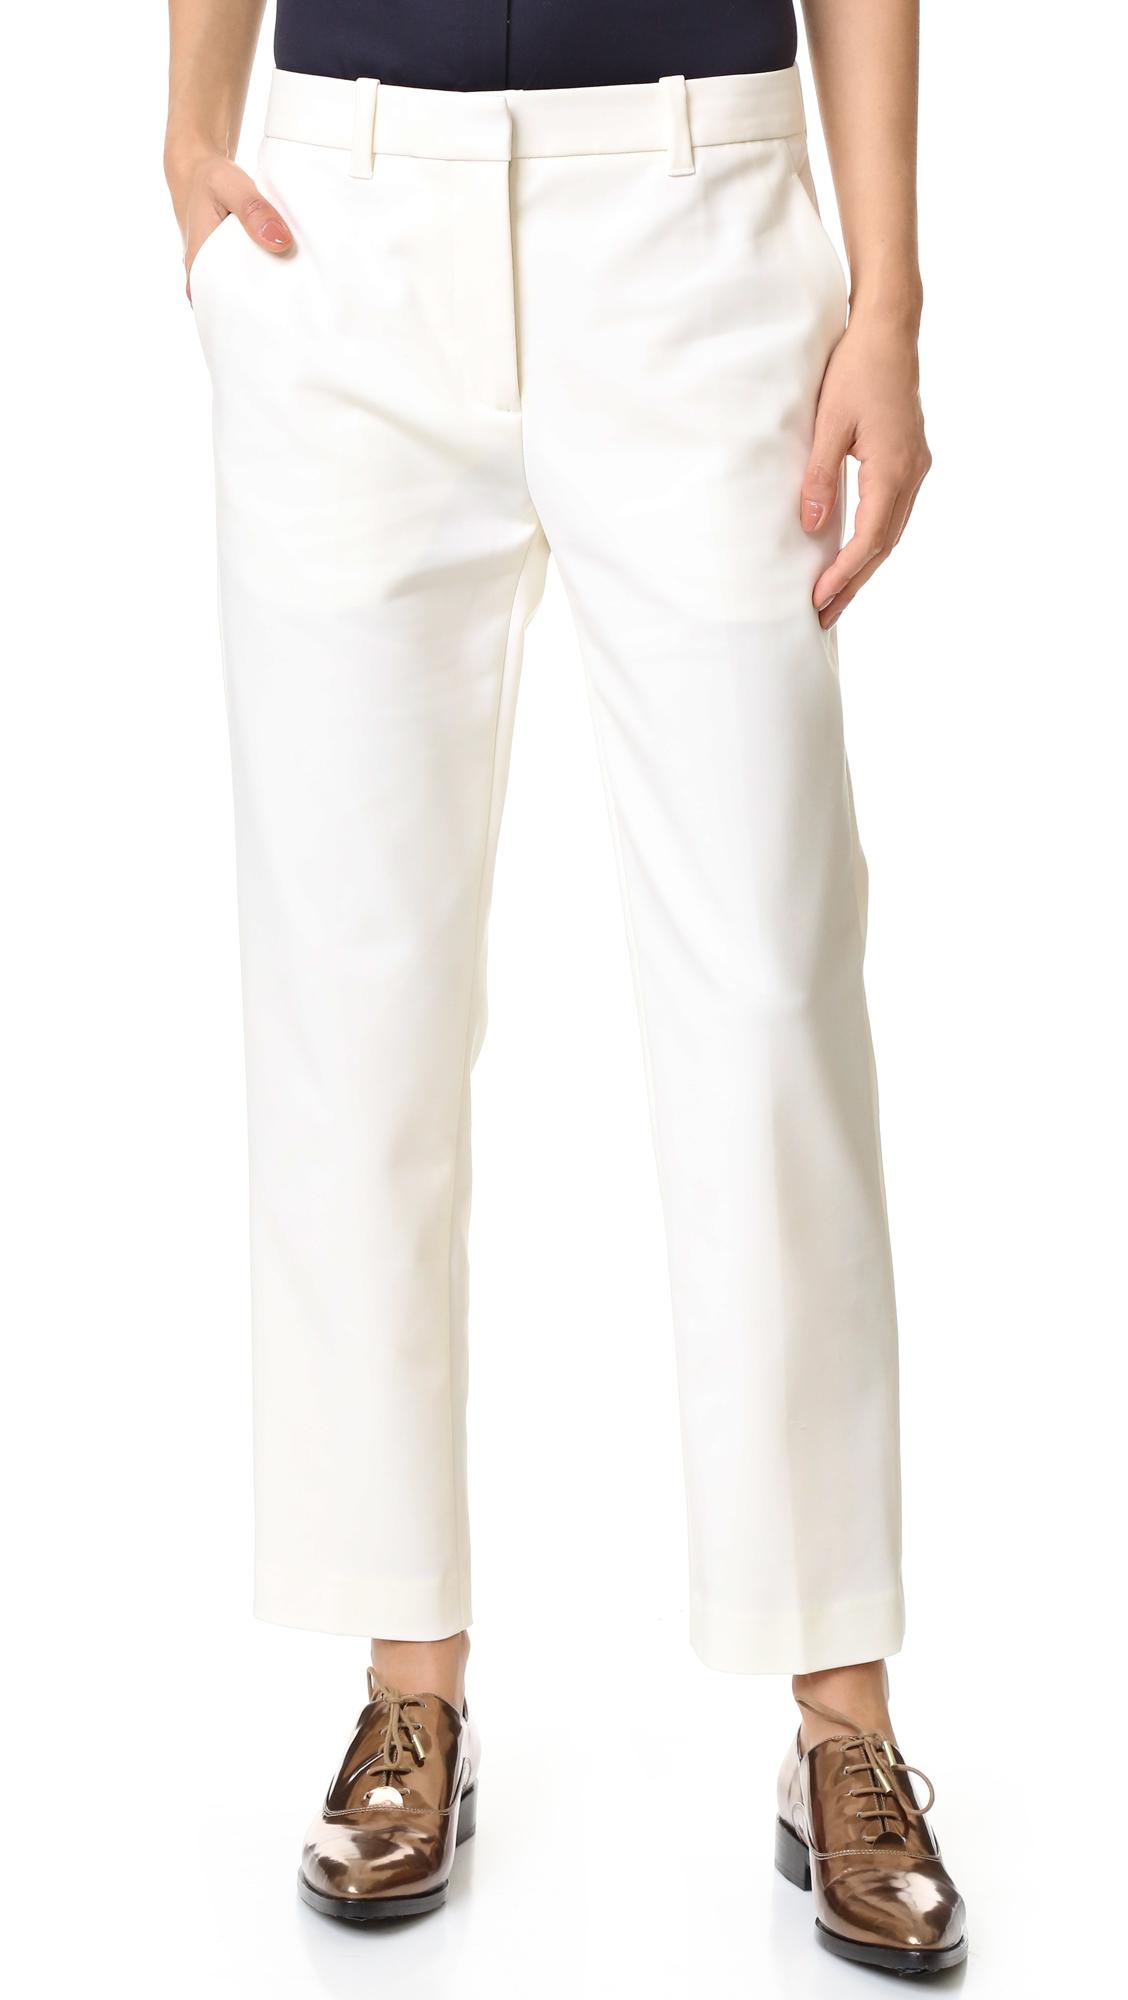 3.1 Phillip Lim Pencil Pants - Antique White